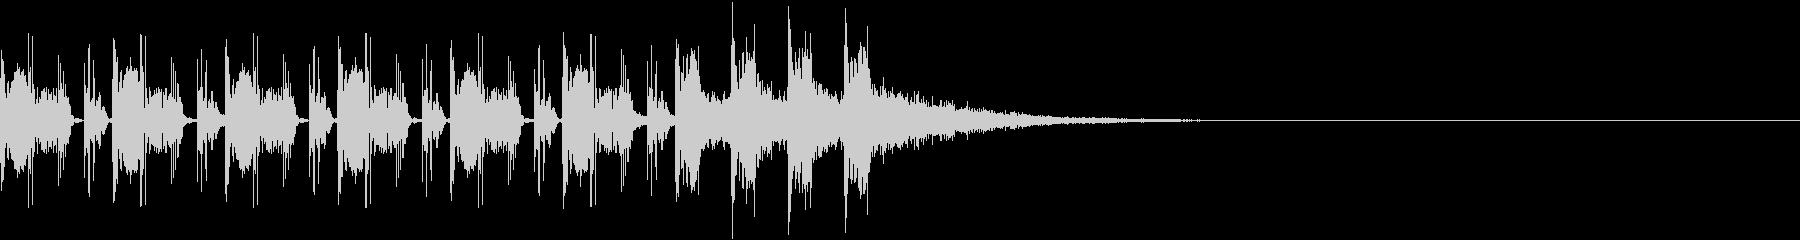 ラジオ番組をイメージしたジングルの未再生の波形